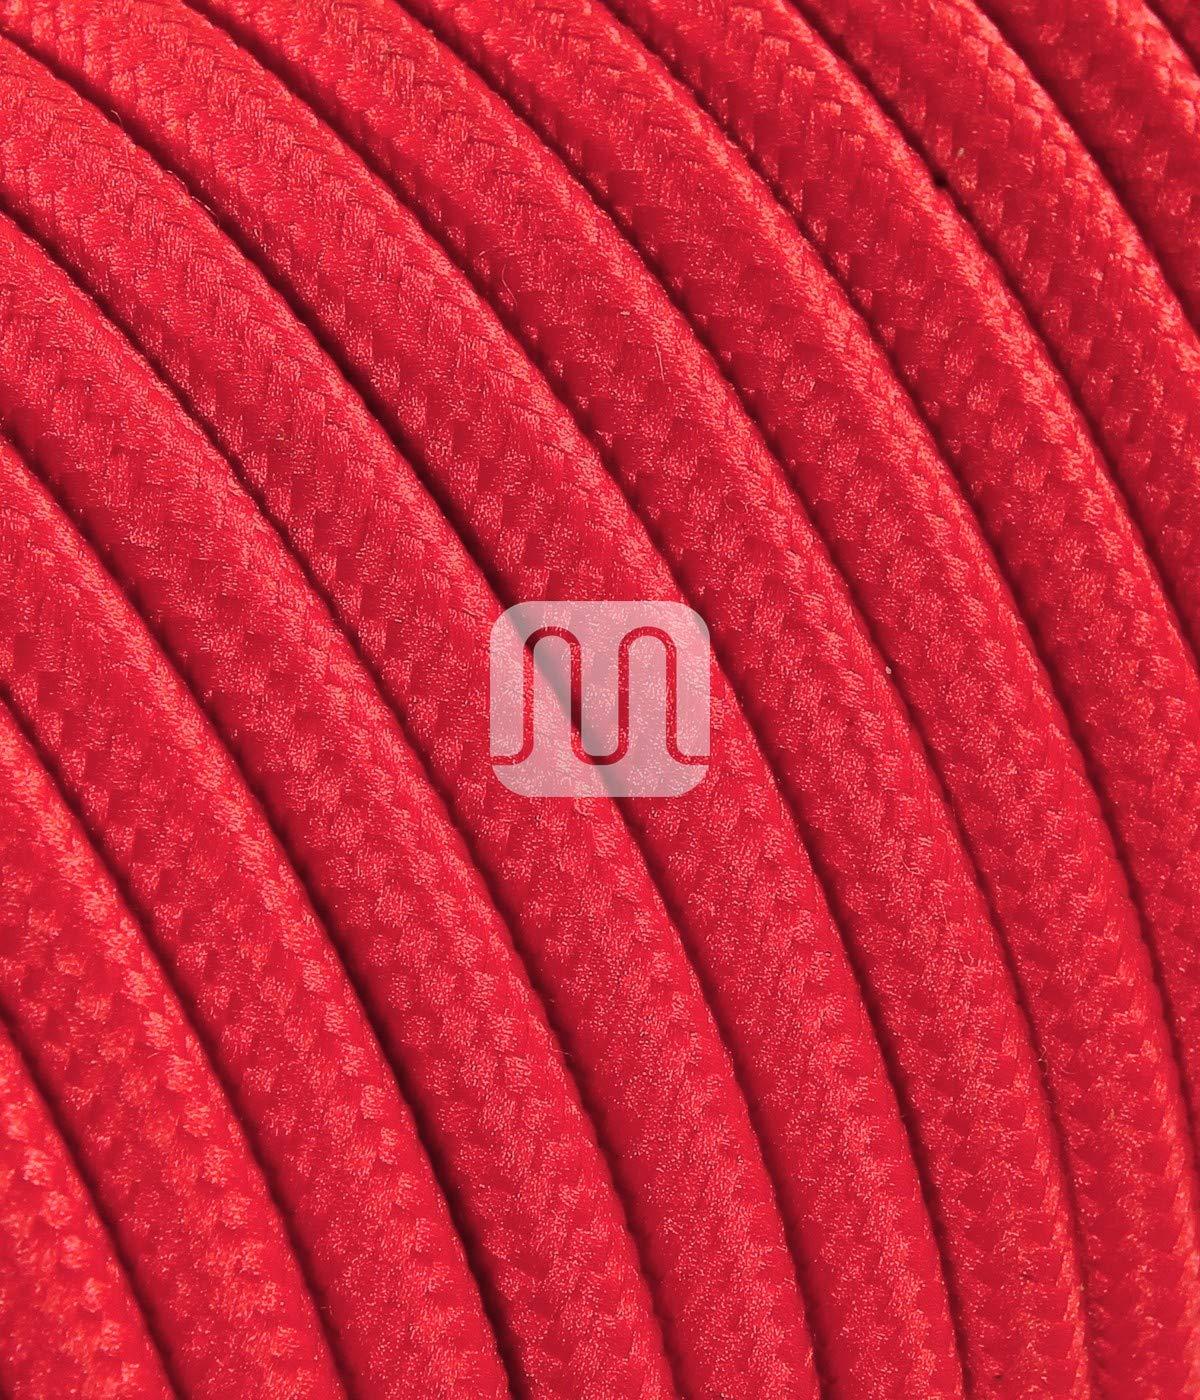 2x0.75mm/² Textilkabel mit E27 Fassung Stecker und Schalter 1,8 Meter Glattmantel, jute blau Zuleitung mit Stecker und Schalter 2-adrig